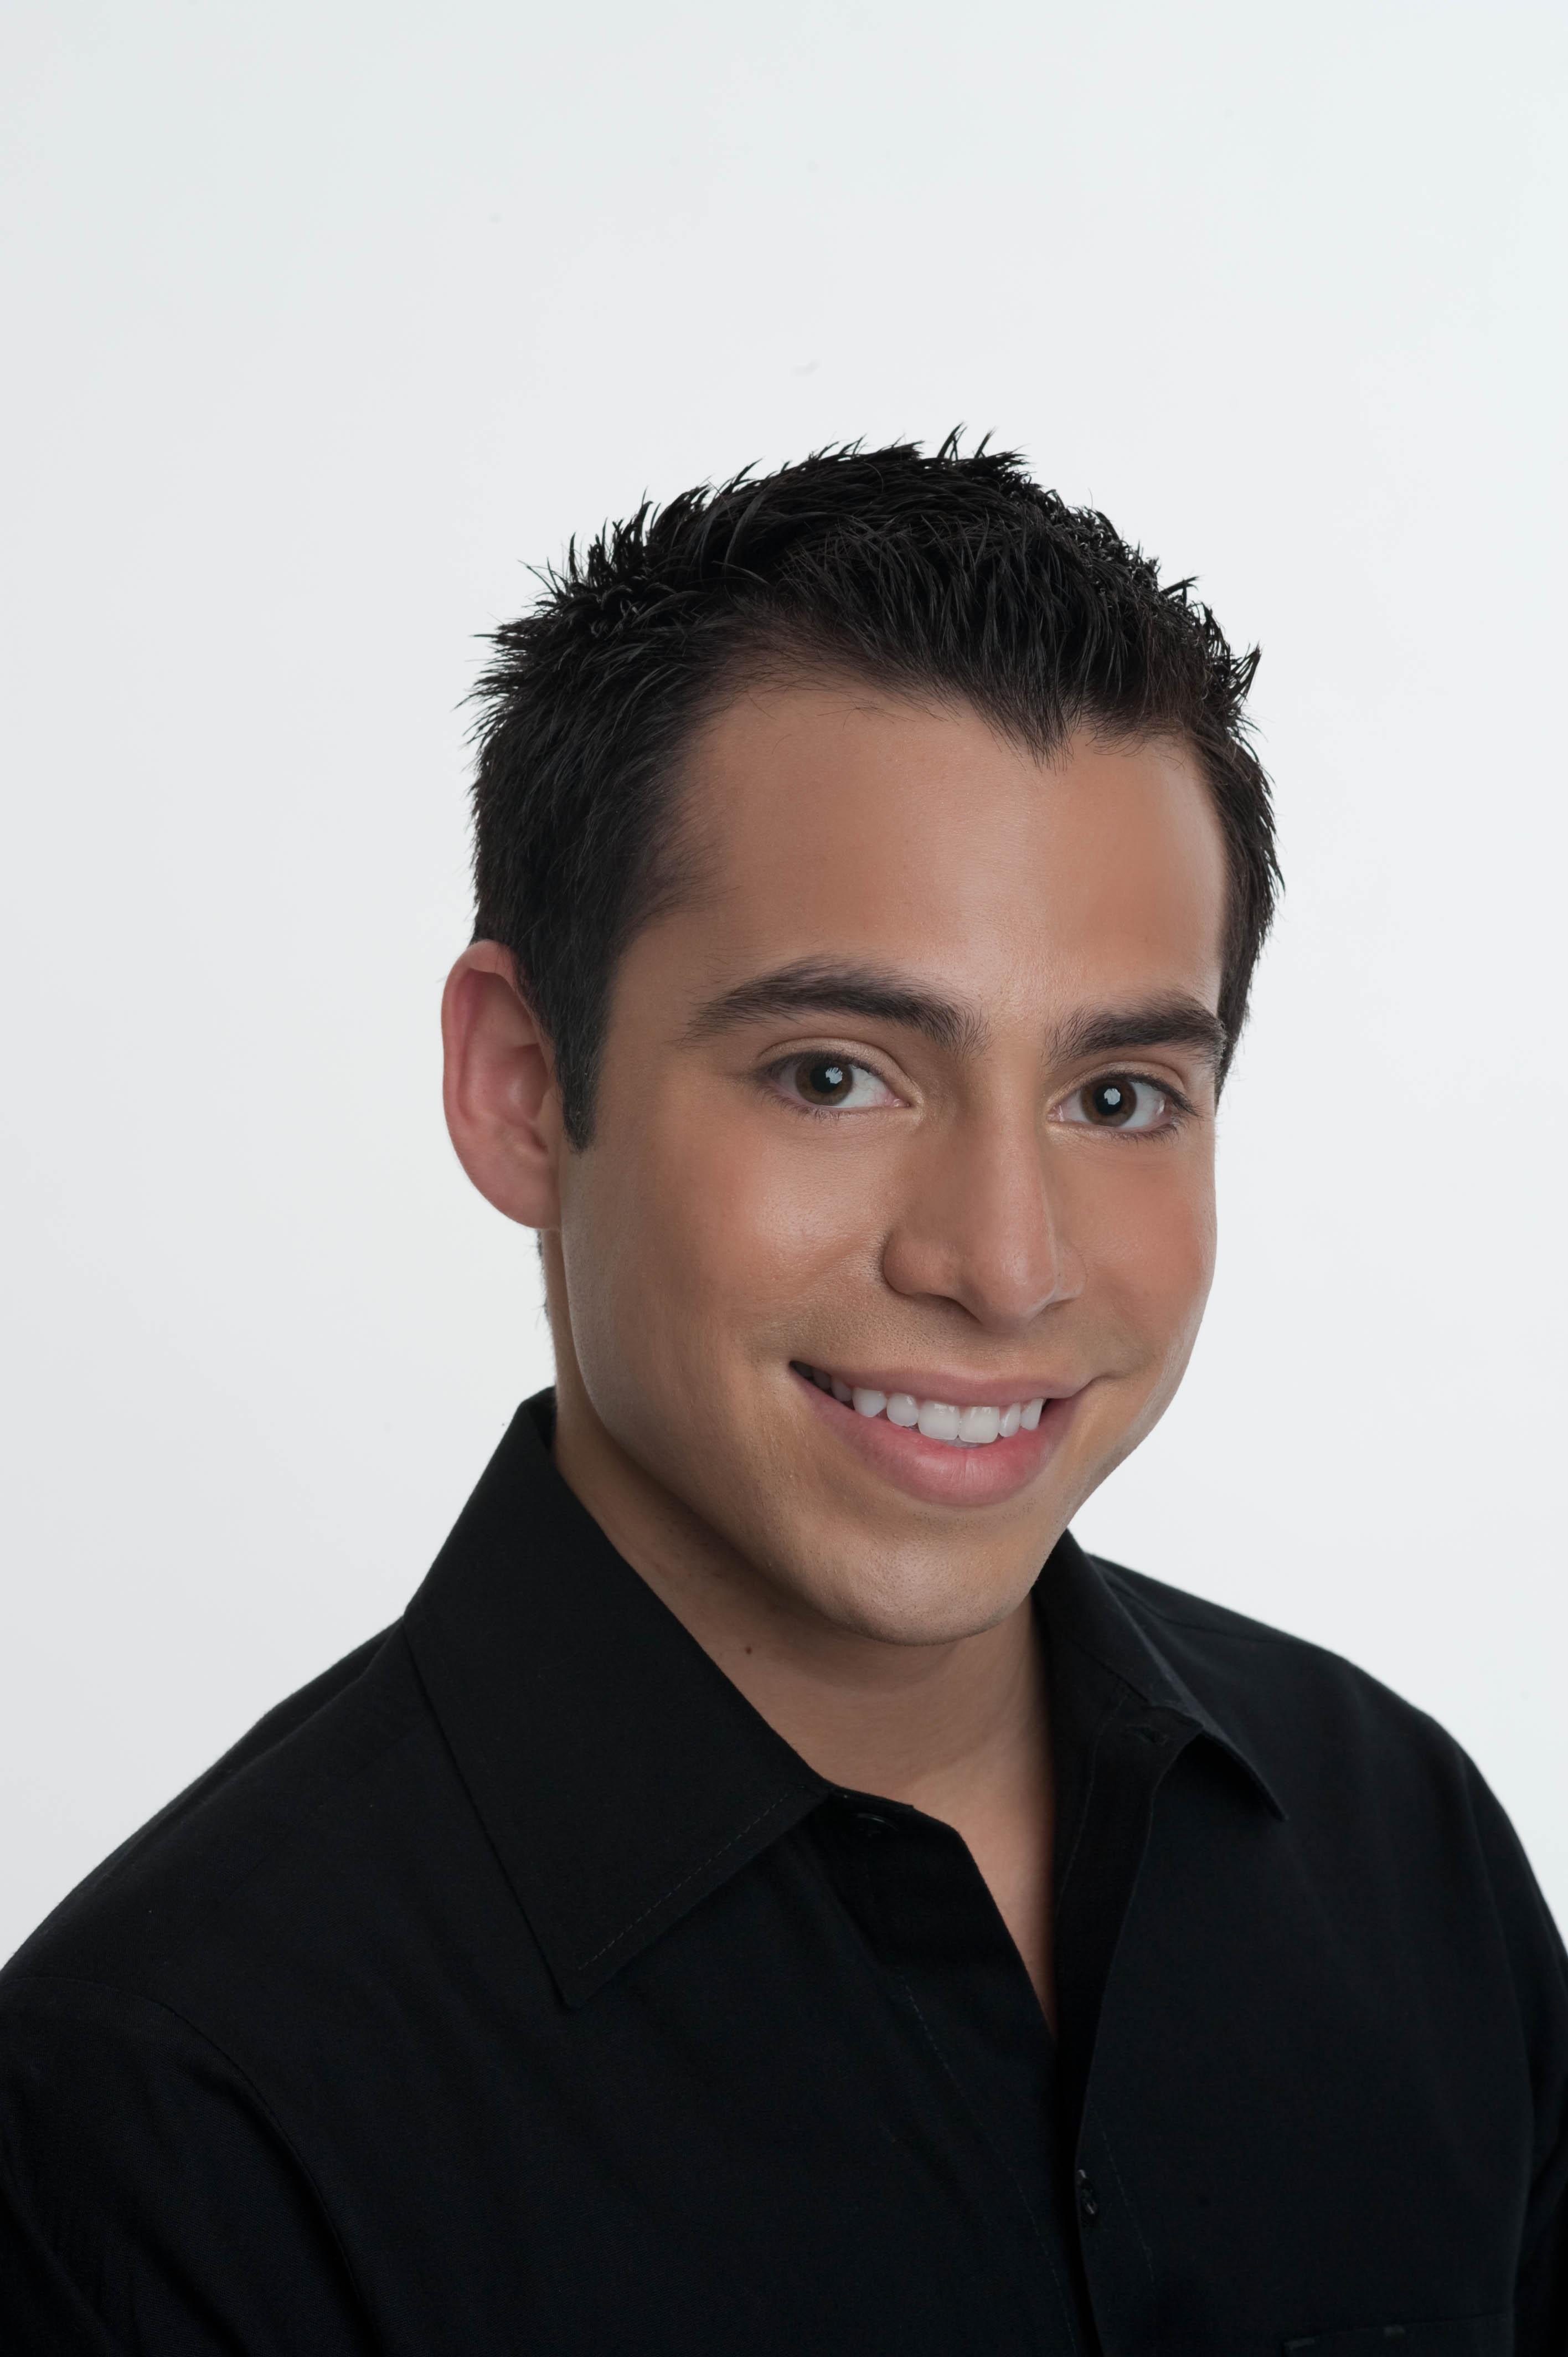 Josh Flores